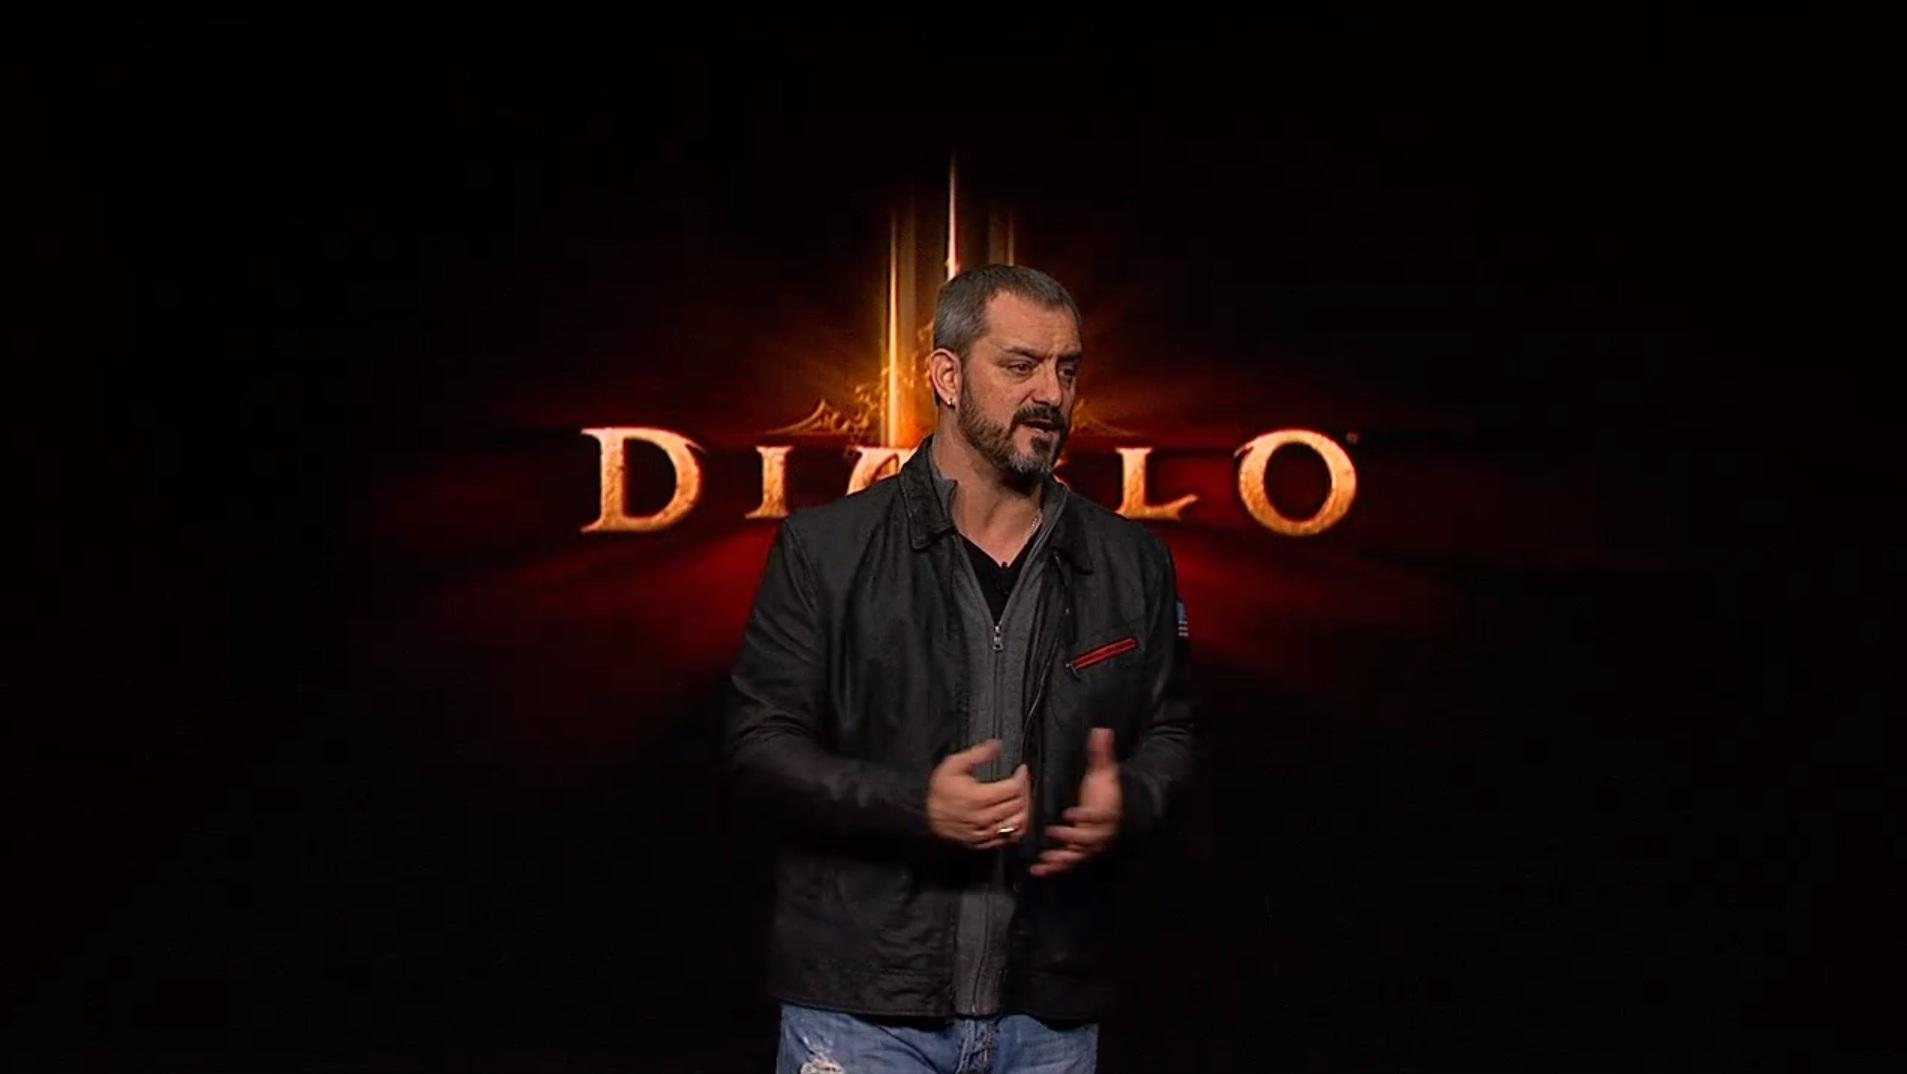 diablo III annuncio su PS4 e PS3